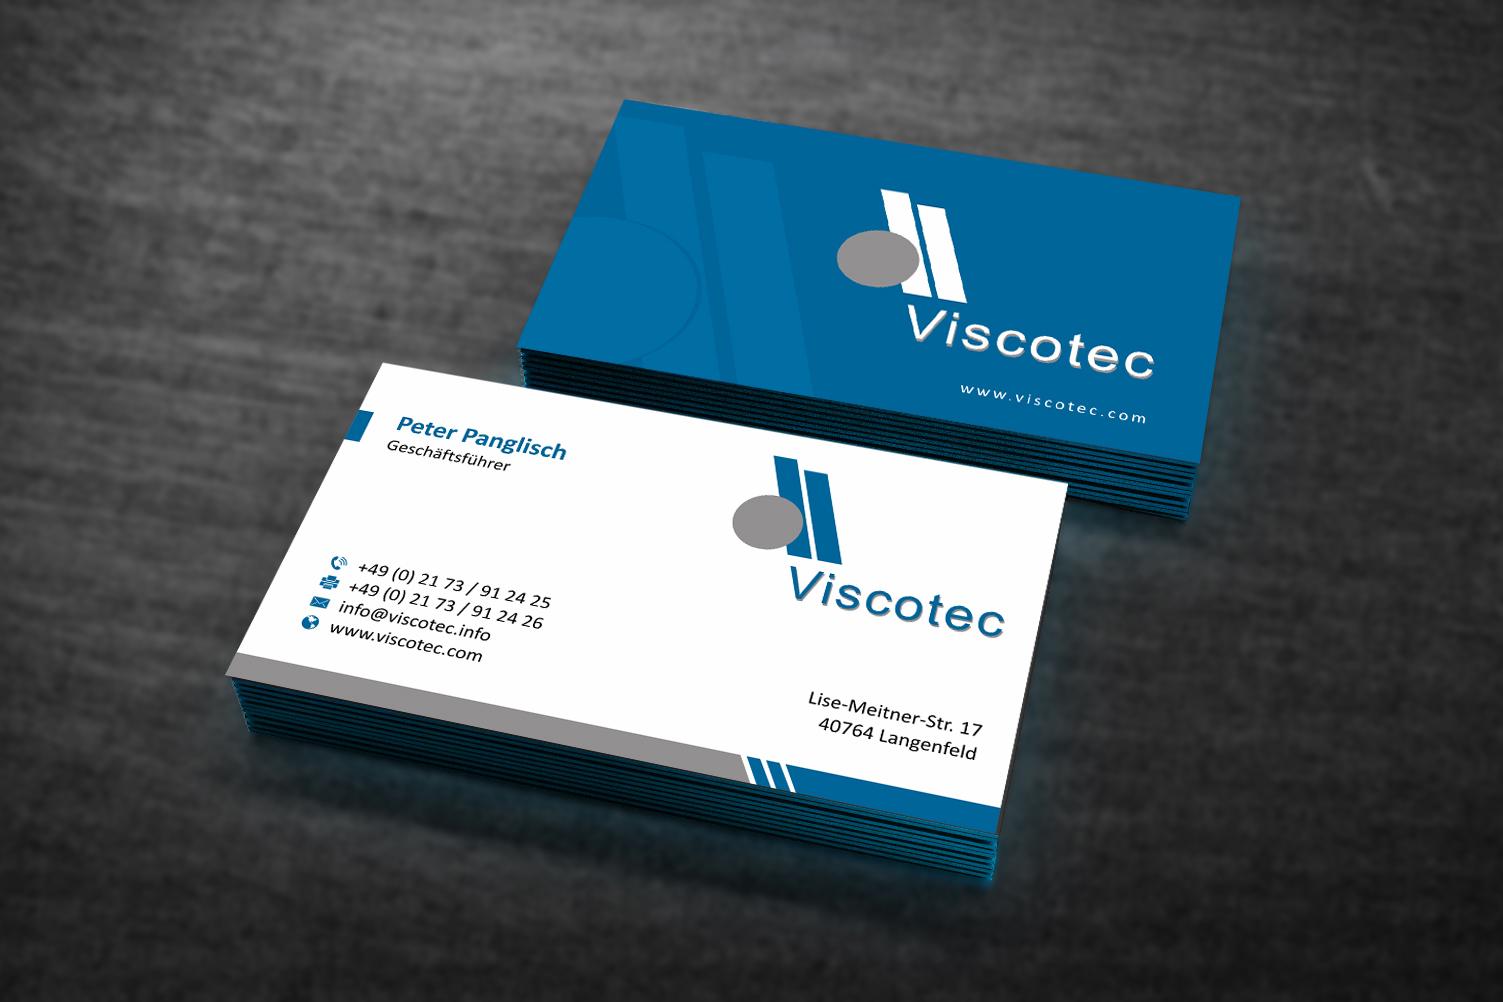 Visitenkarten Design Für Modernes Industrieunter